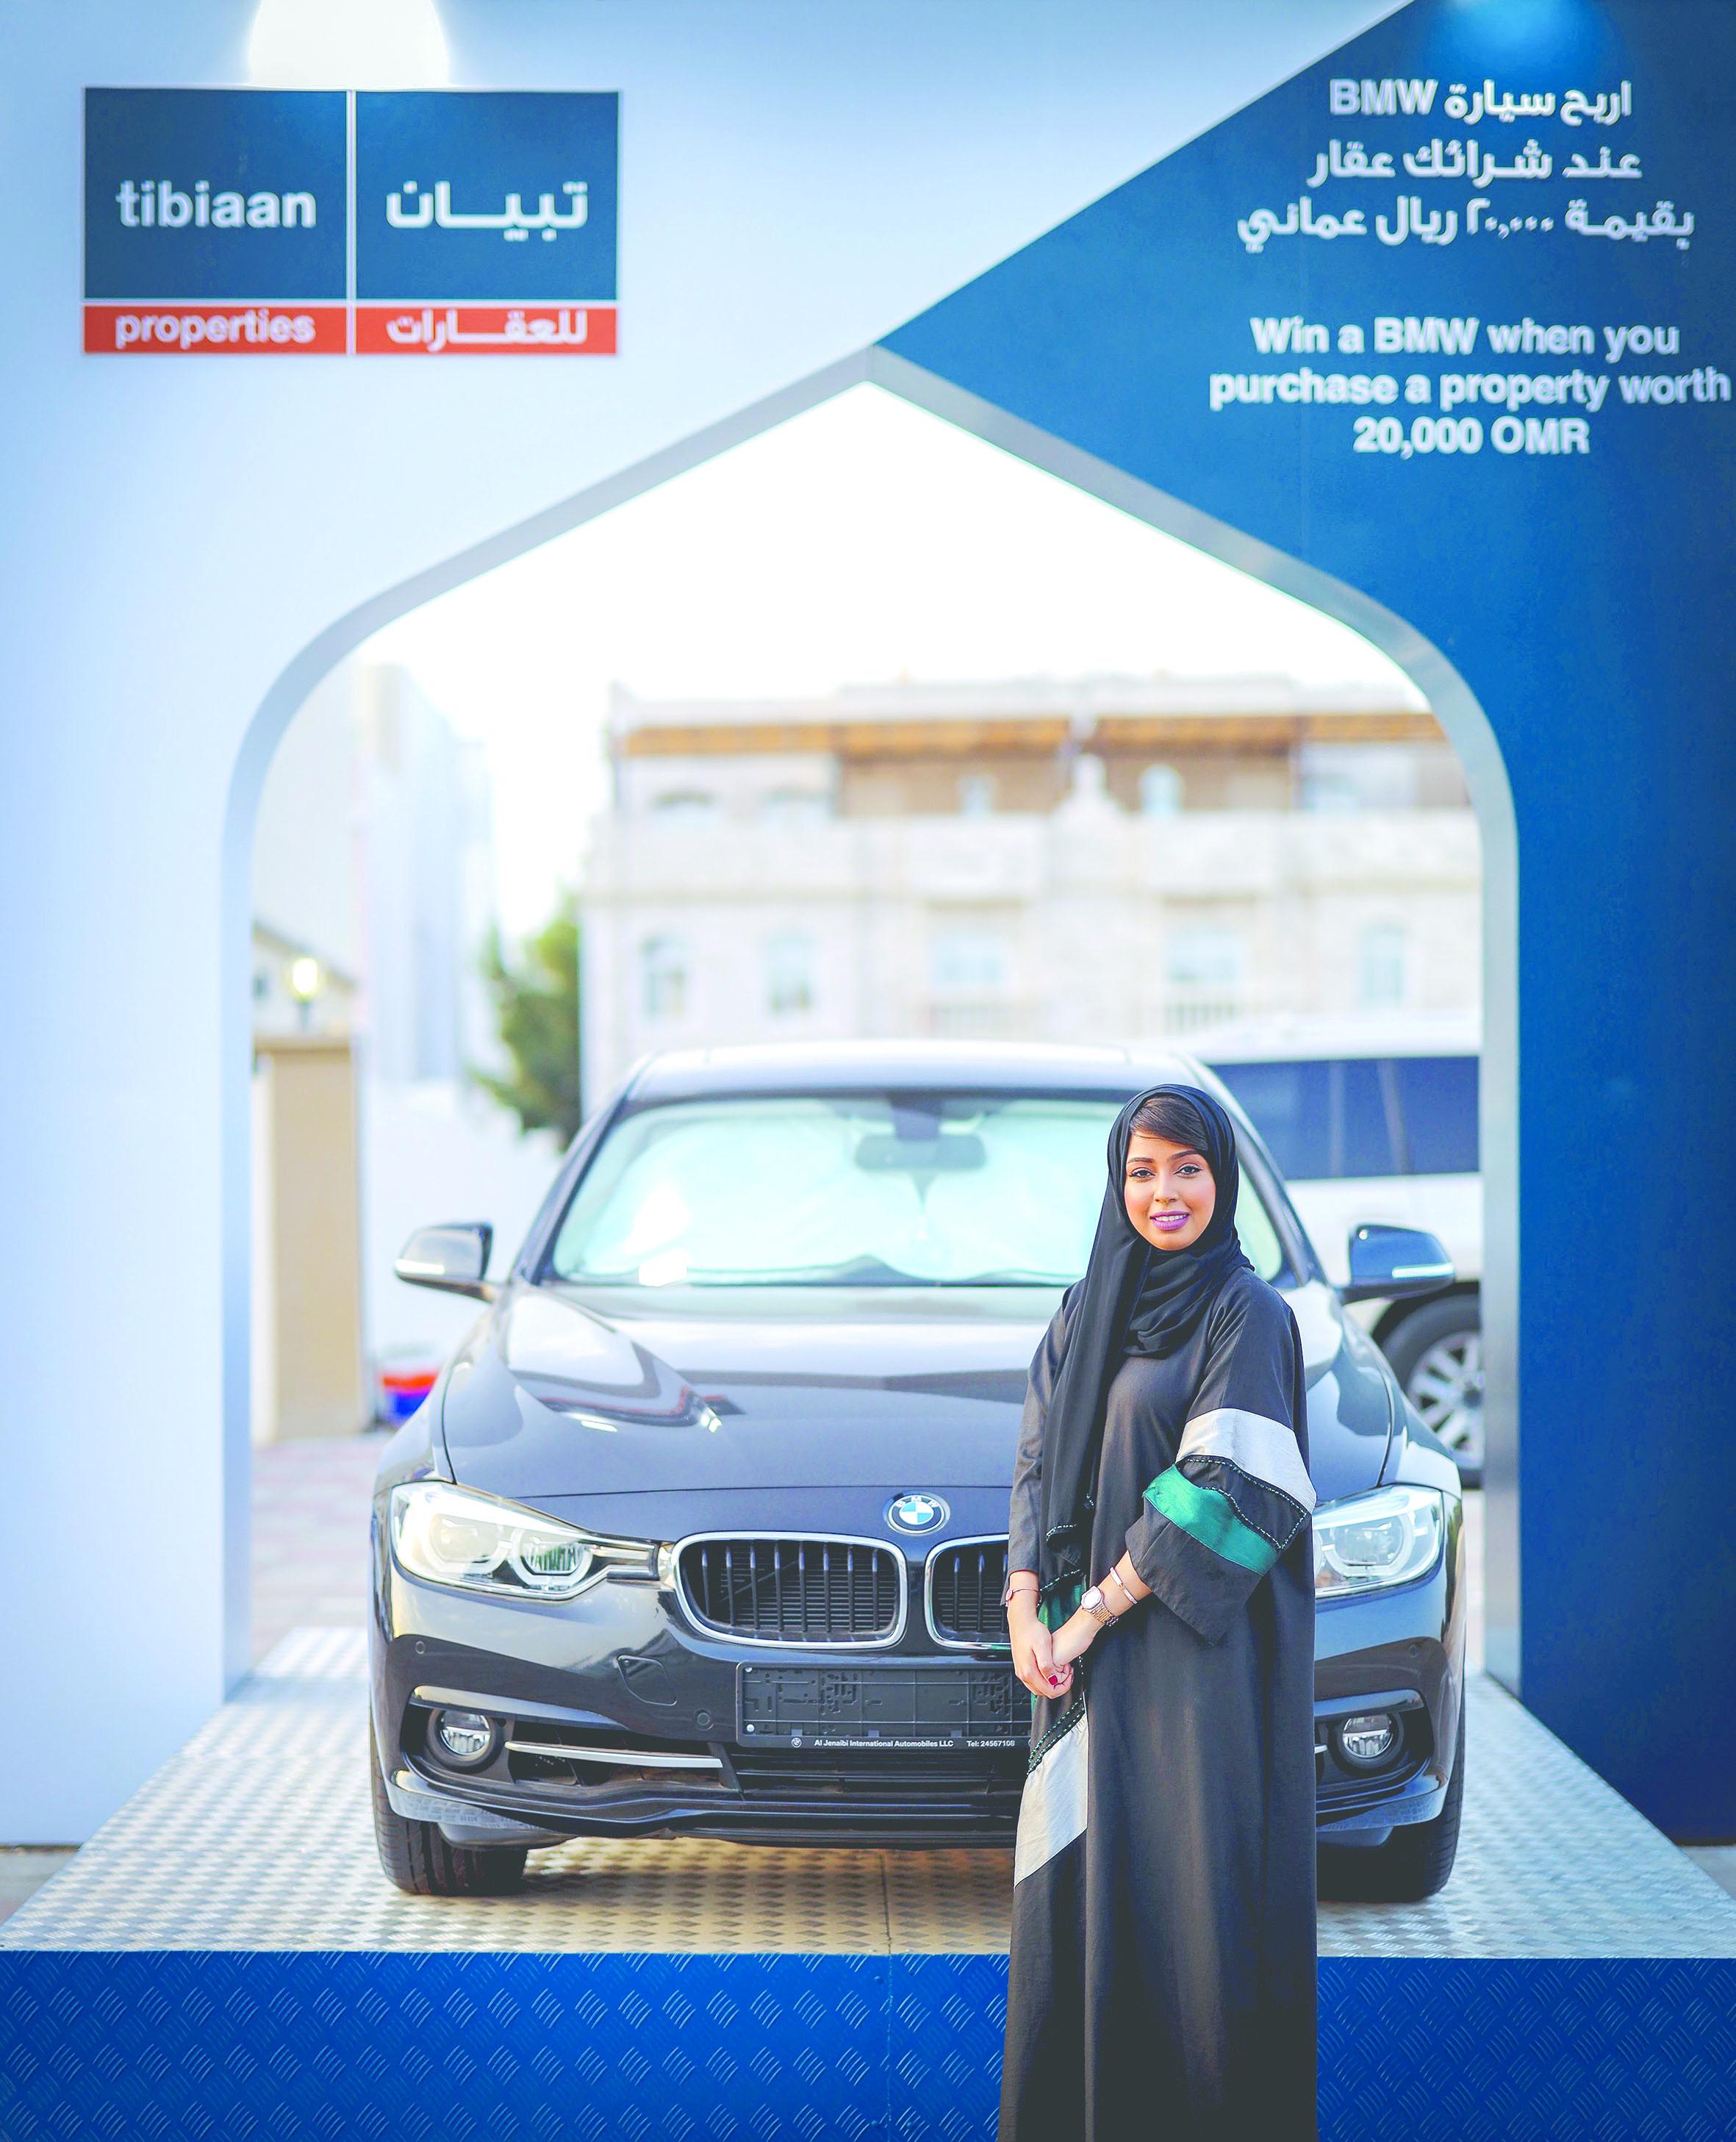 تبيان للعقارات تقدم سيارة BMW 2019 كجائزة كبرى لمشتري العقارات